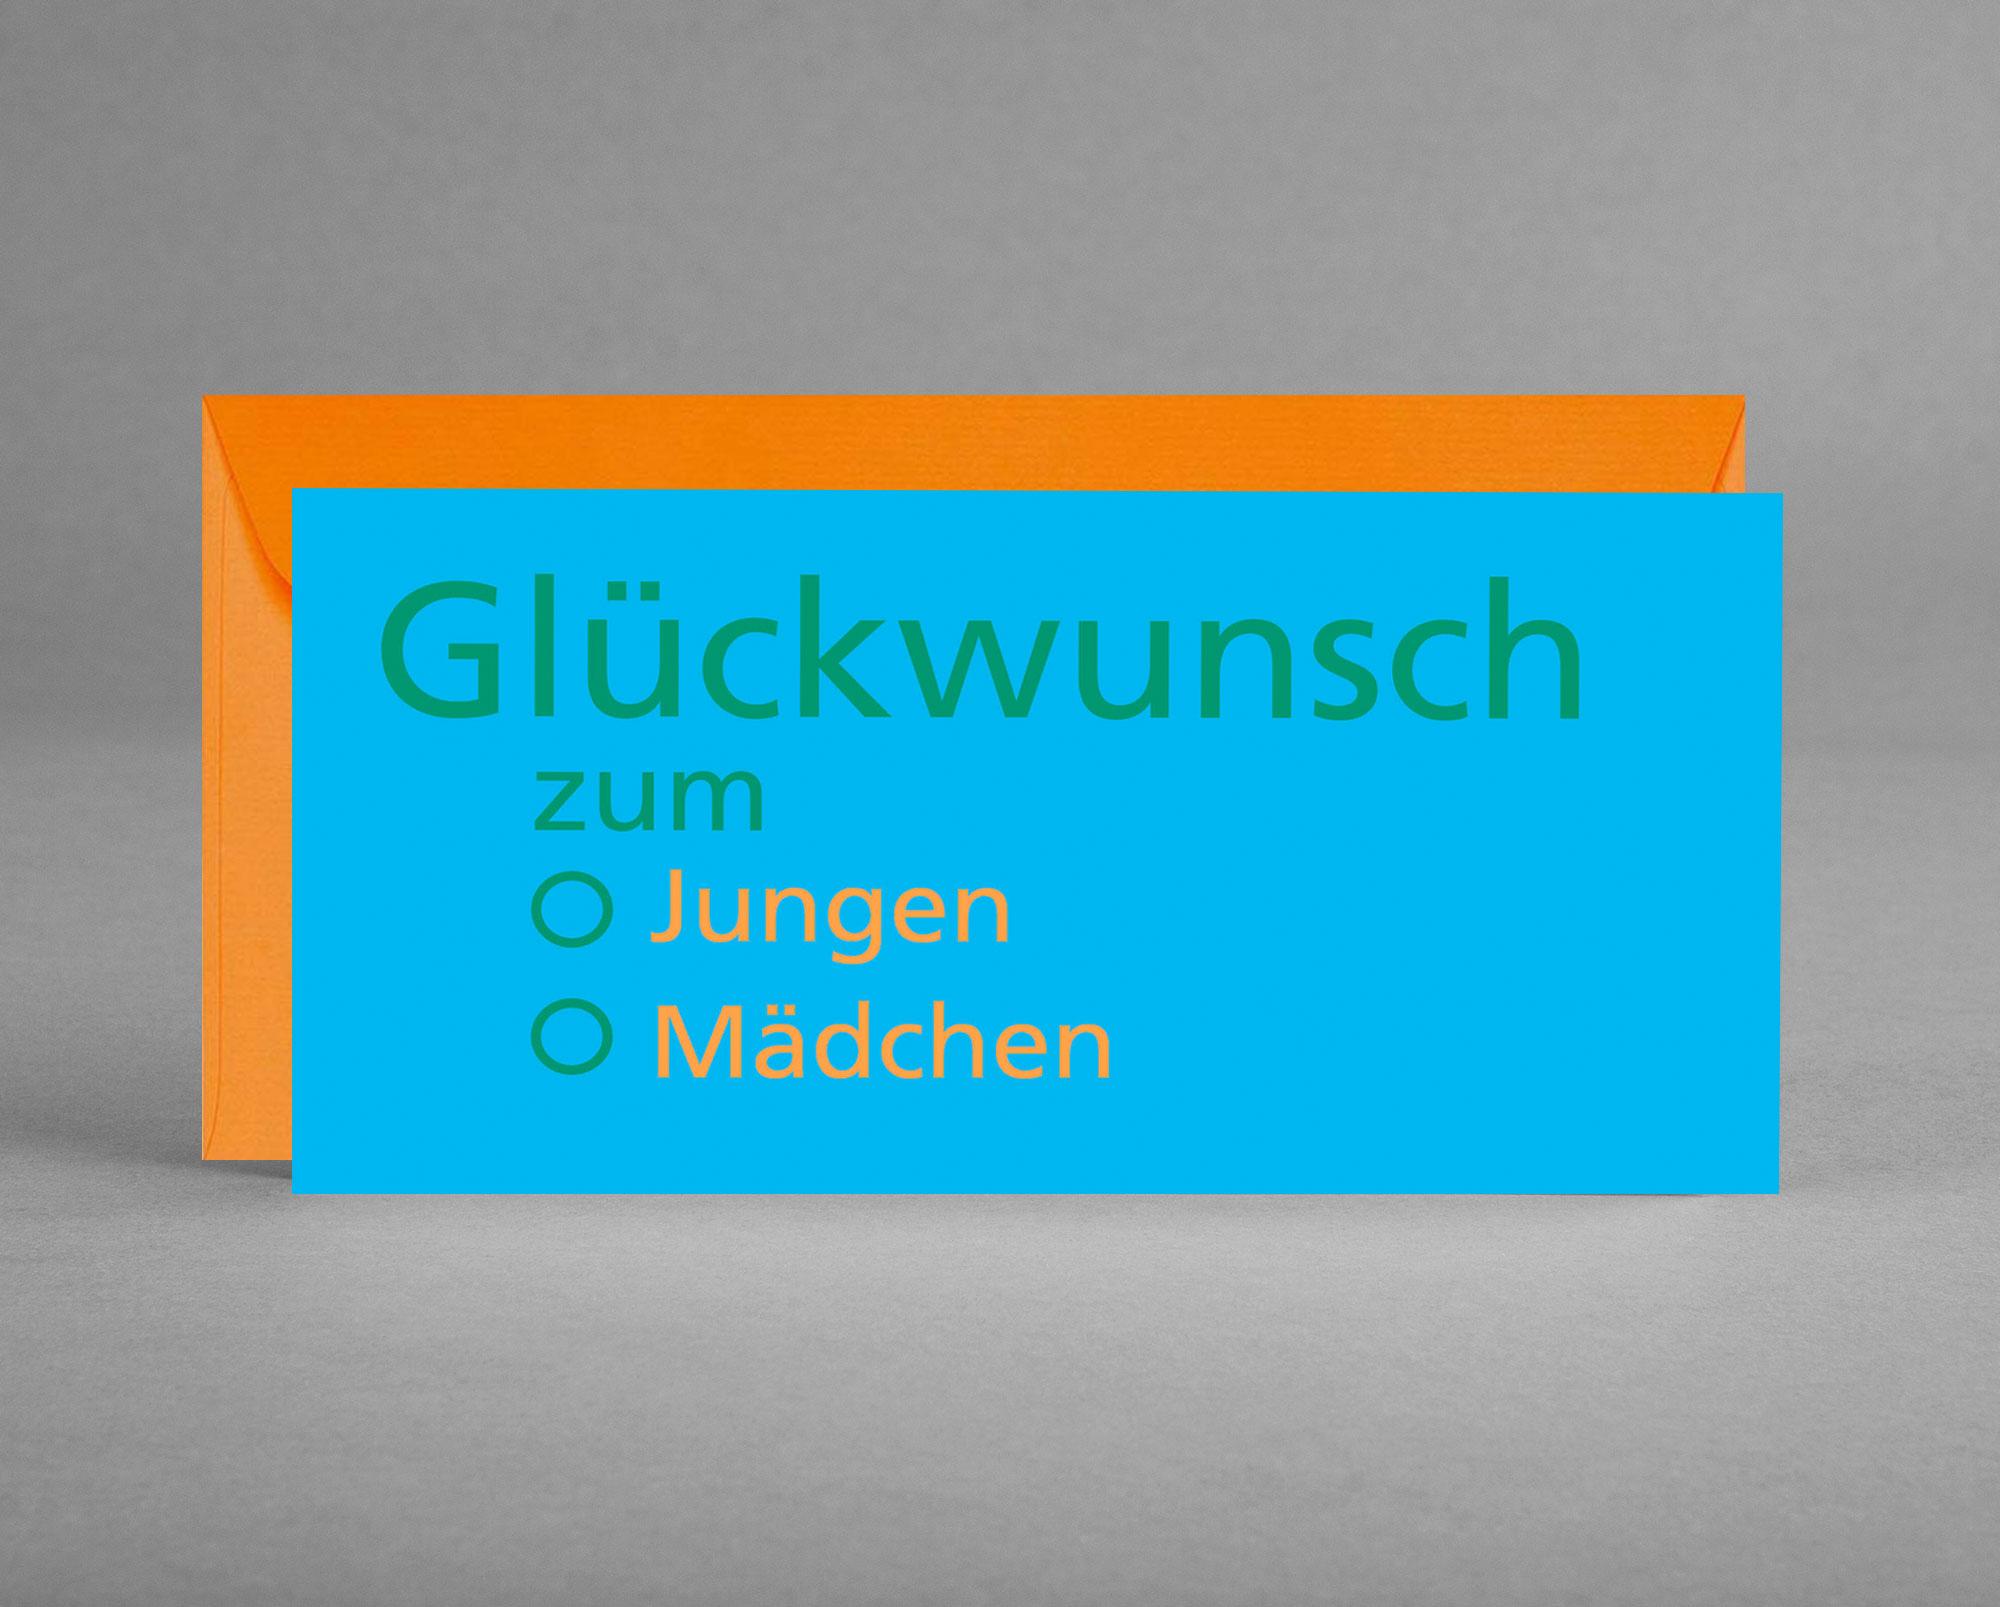 Karte-zur-Geburt_Gender-Reveal-Party_Klappkarte_grusskarten-design1yKvldOZ5cj8P